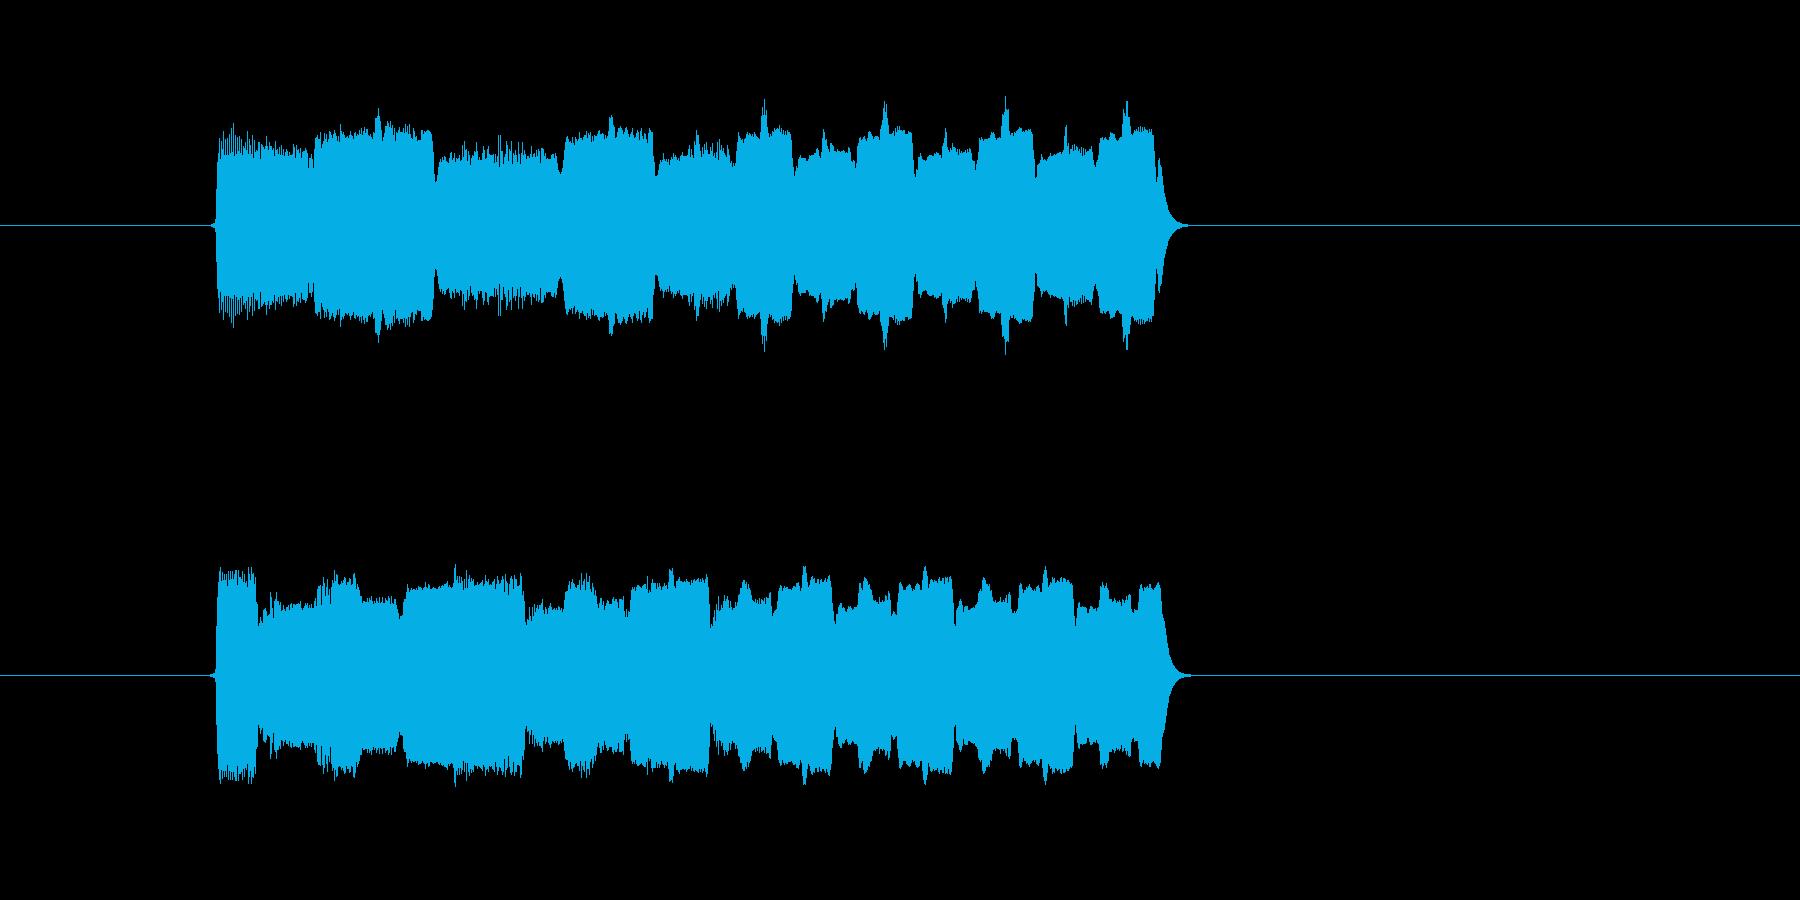 ゲーム、クイズ(正解)_014の再生済みの波形